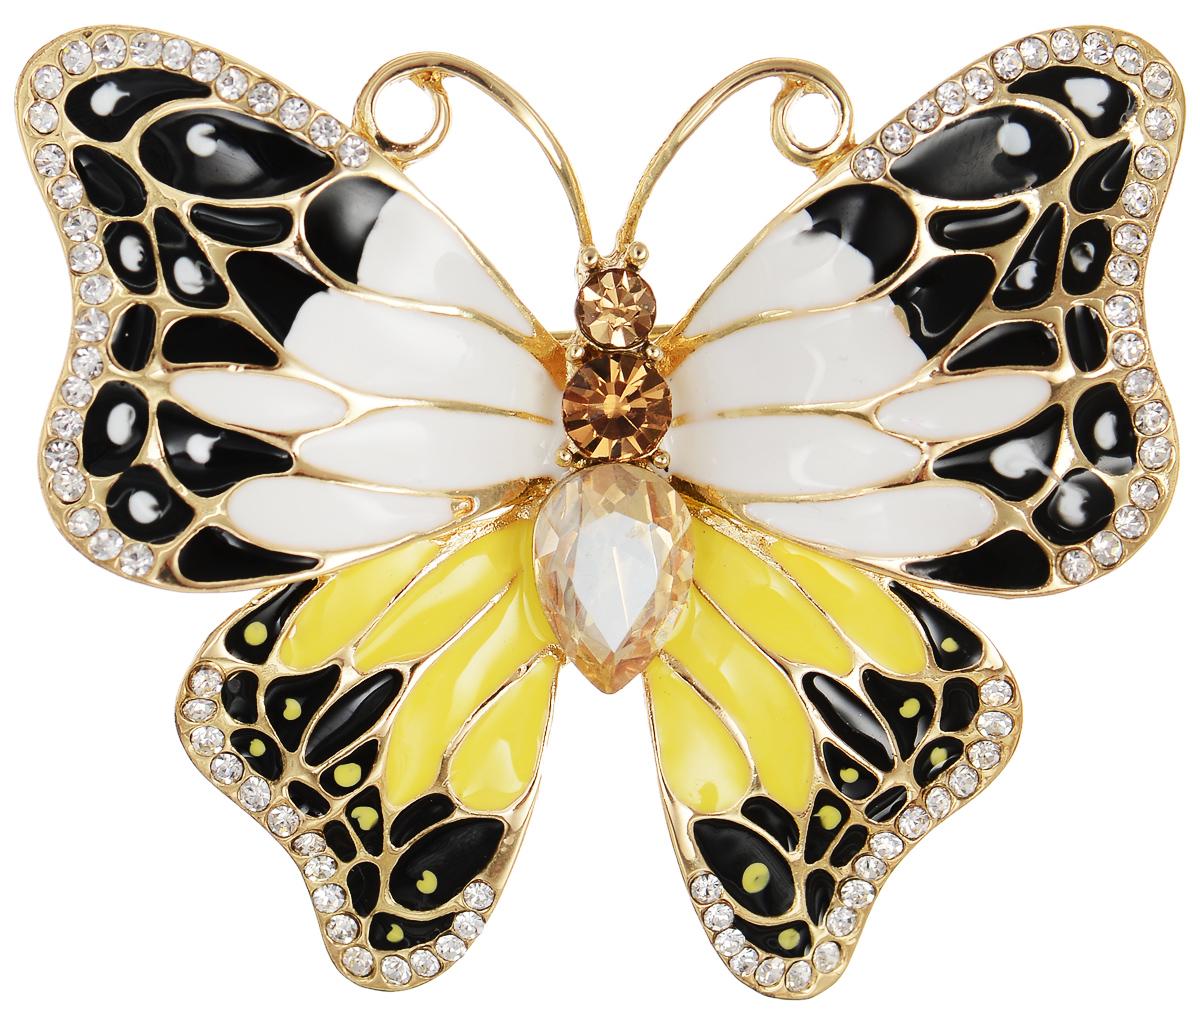 Брошь Selena Street Fashion, цвет: золотистый, желтый, черный. 3002705030027050Роскошная брошь Selena Street Fashion изготовлена из латуни с золотистым покрытием в виде бабочки. Брошь покрыта эмалью и оформлена кристаллами Preciosa. Изделие крепится с помощью замка-булавки. Такая брошь позволит вам с легкостью воплотить самую смелую фантазию и создать собственный неповторимый образ.